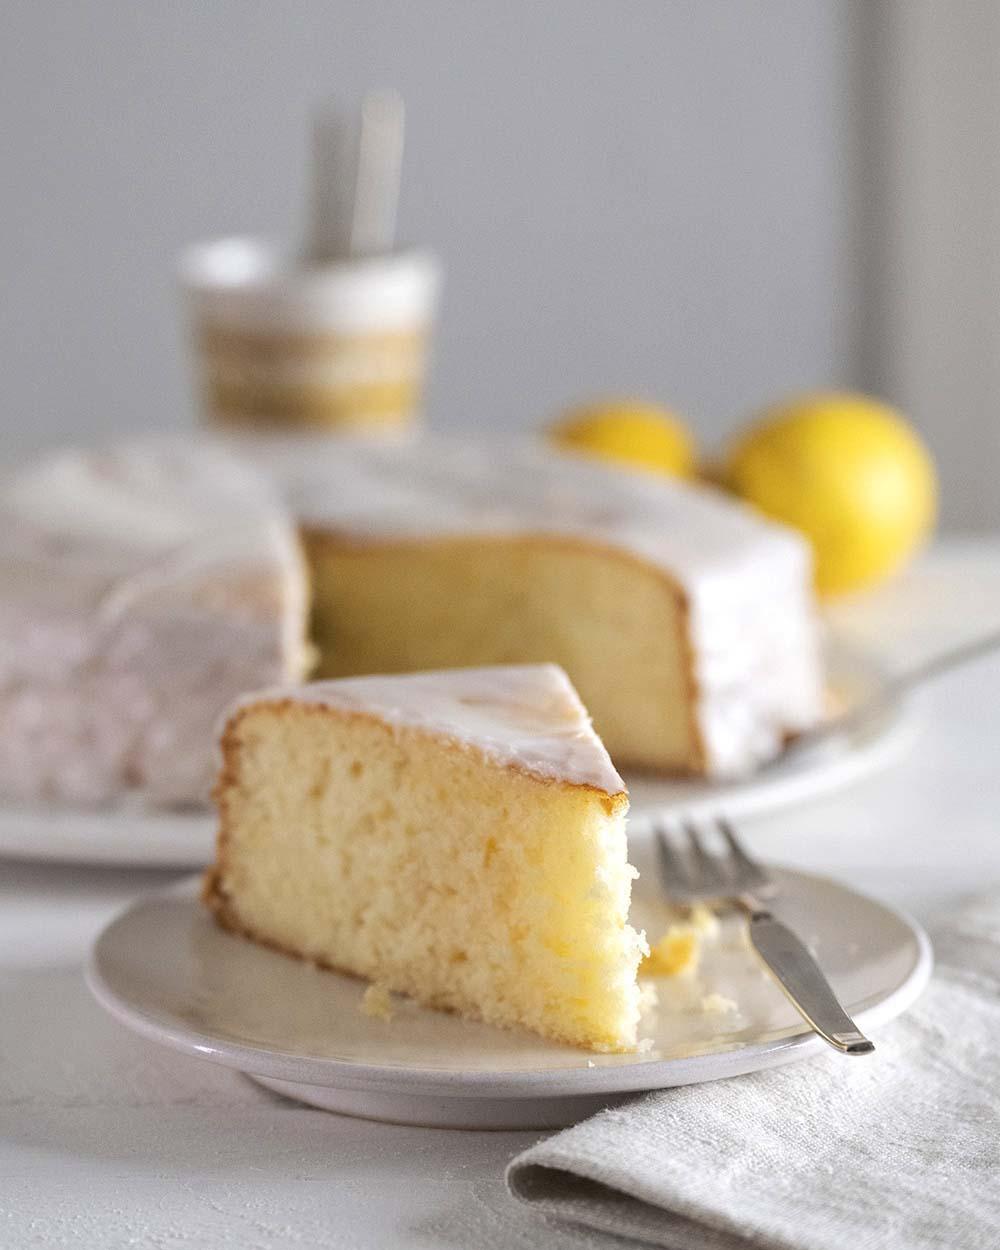 Blick auf die Kaffeetafel mit dem Zitronenkuchen.